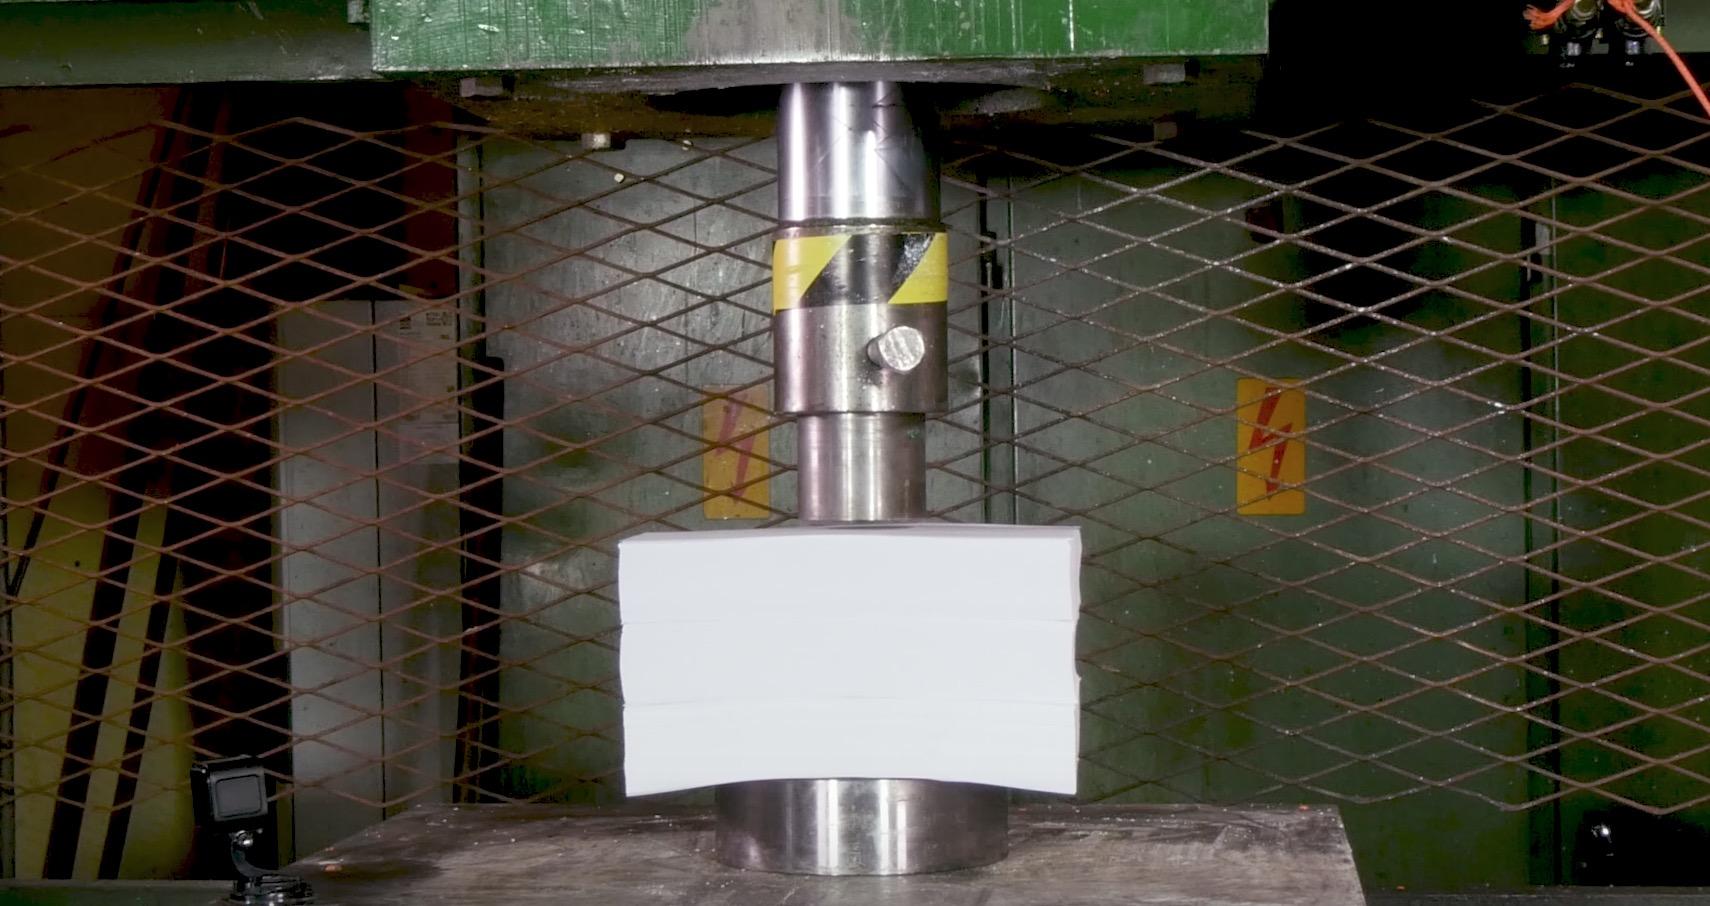 コピー用紙を油圧プレスで潰したら、爆発して木っ端微塵に!